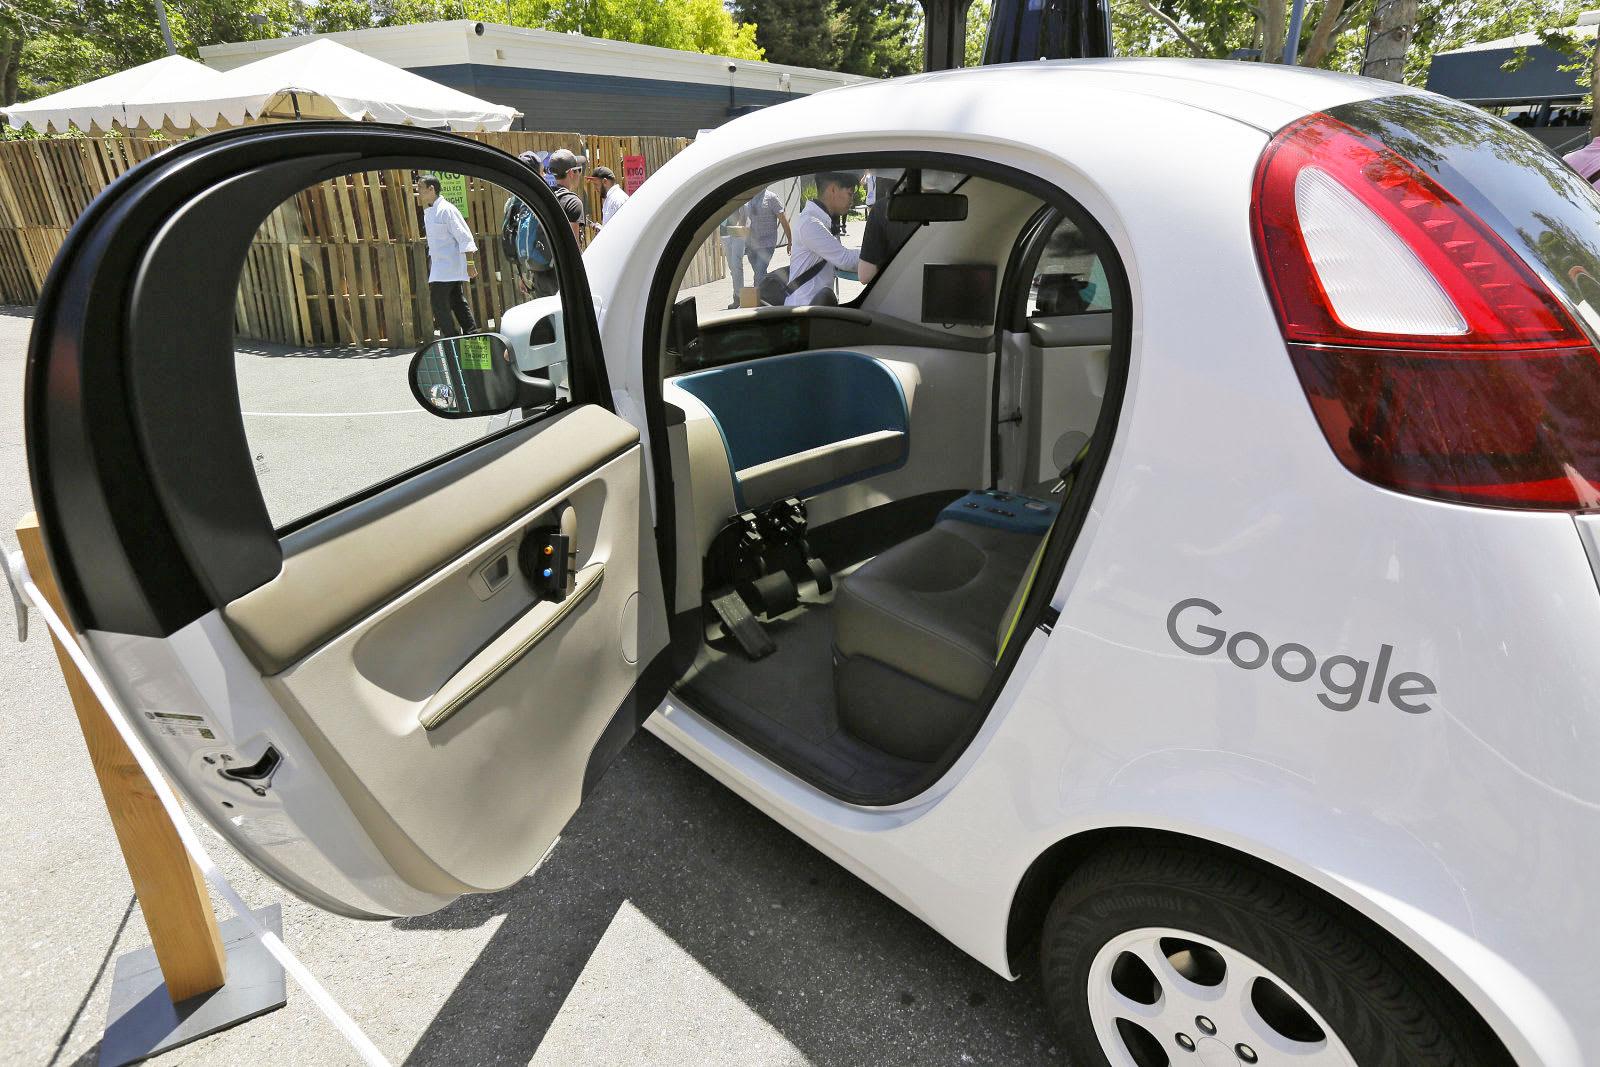 Should autonomous vehicles save passengers or pedestrians?